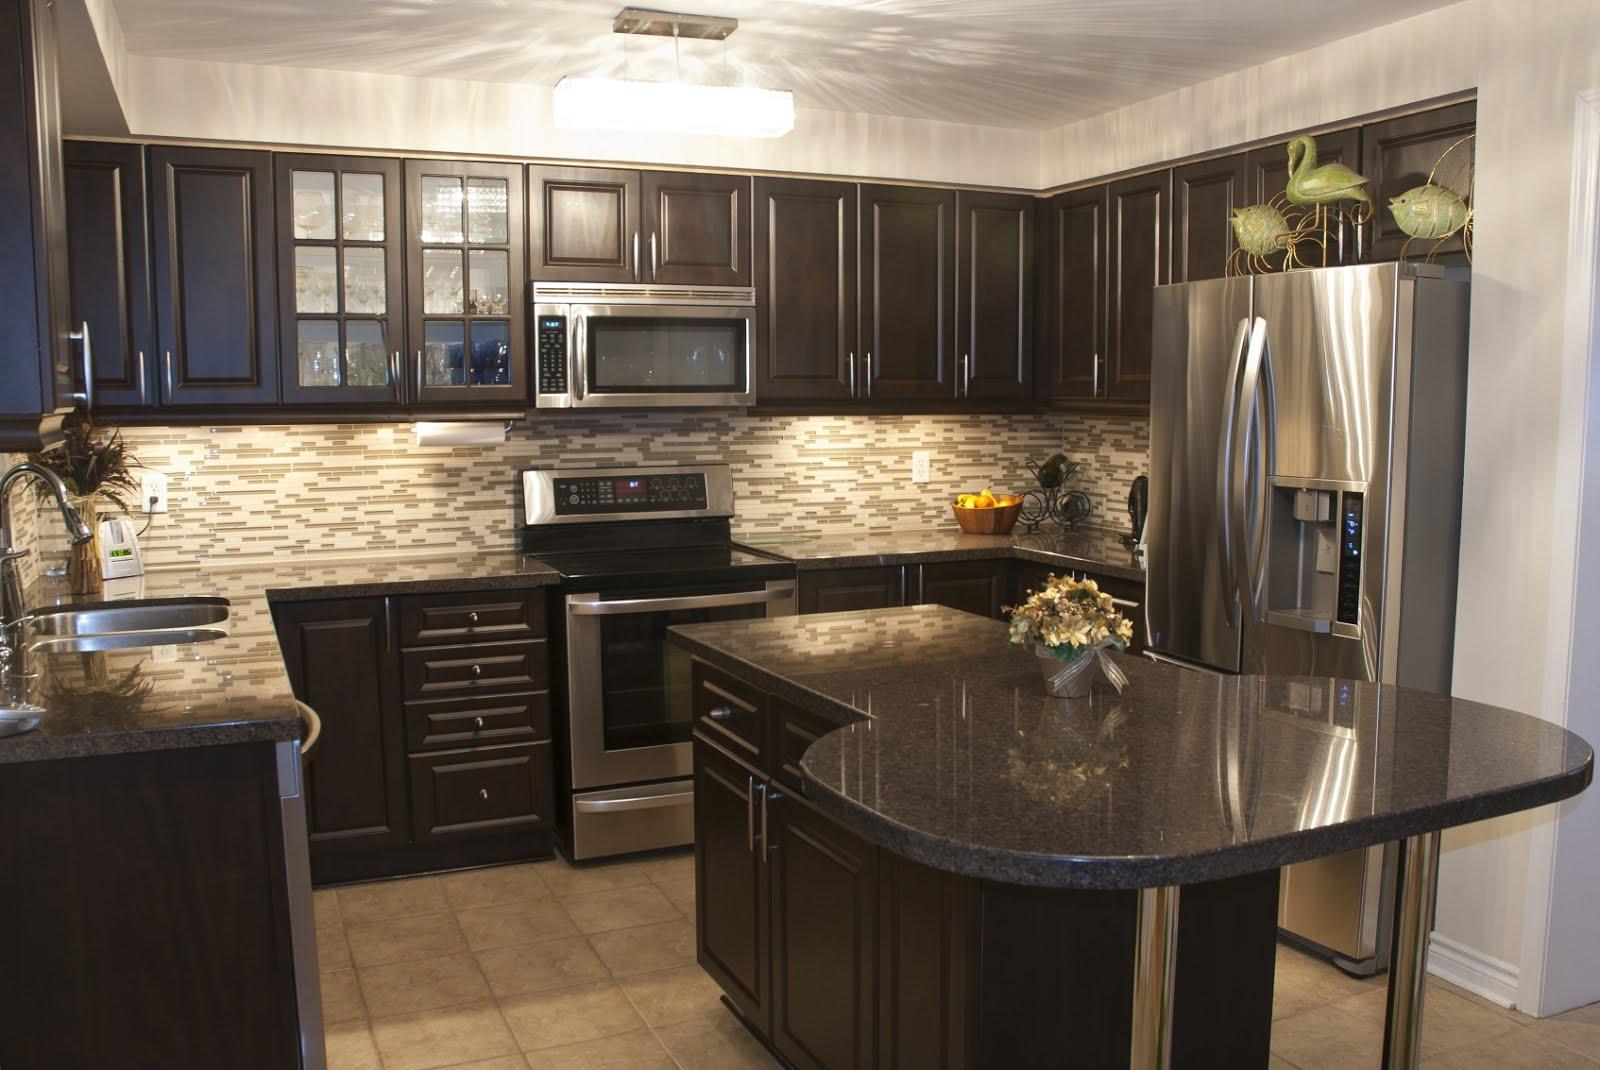 25 most popular luxury kitchen designs abcdiy - Dark wood cabinets kitchen design ...